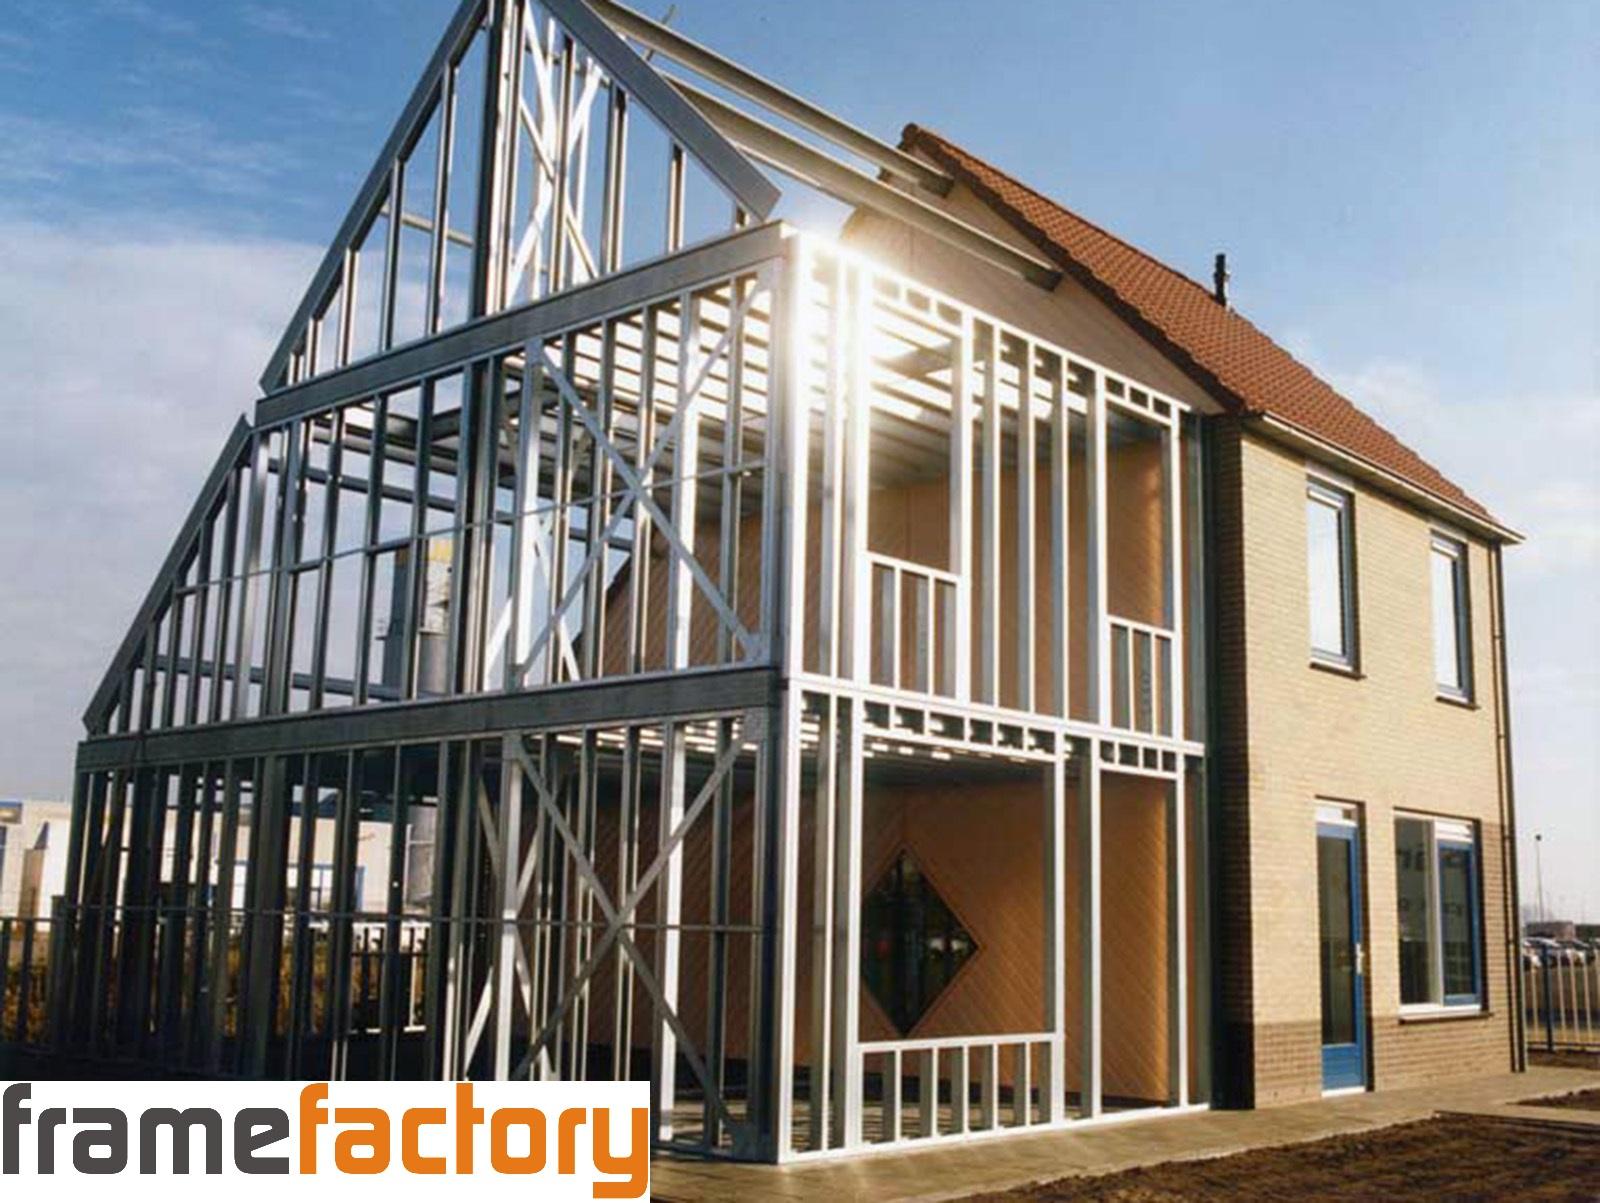 Frame Factory - Bouwen met staalframe | Geschiedenis